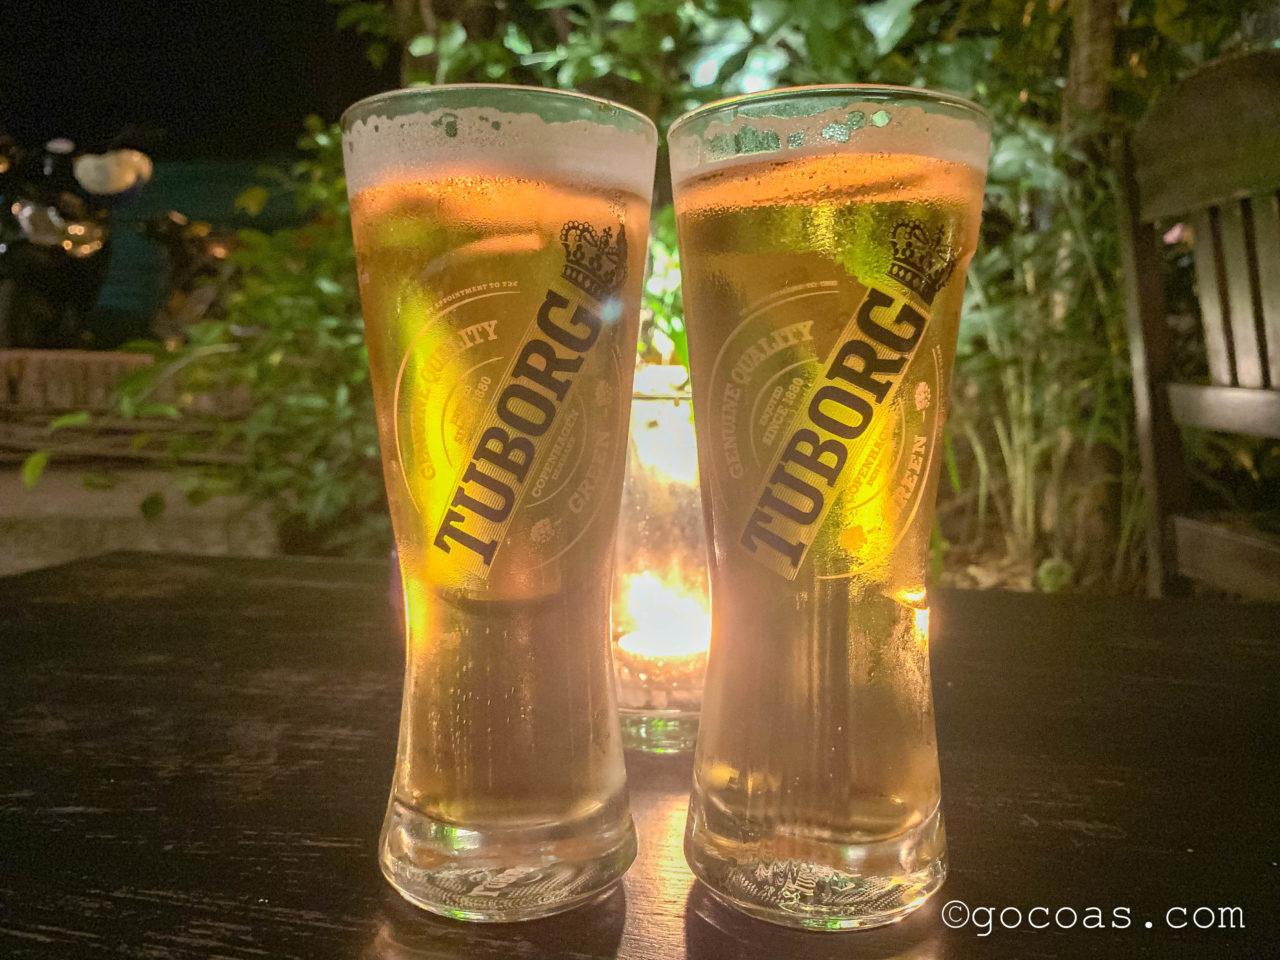 RedBul bar & restaurantで飲んだ2つのTUBORGのビールジョッキ